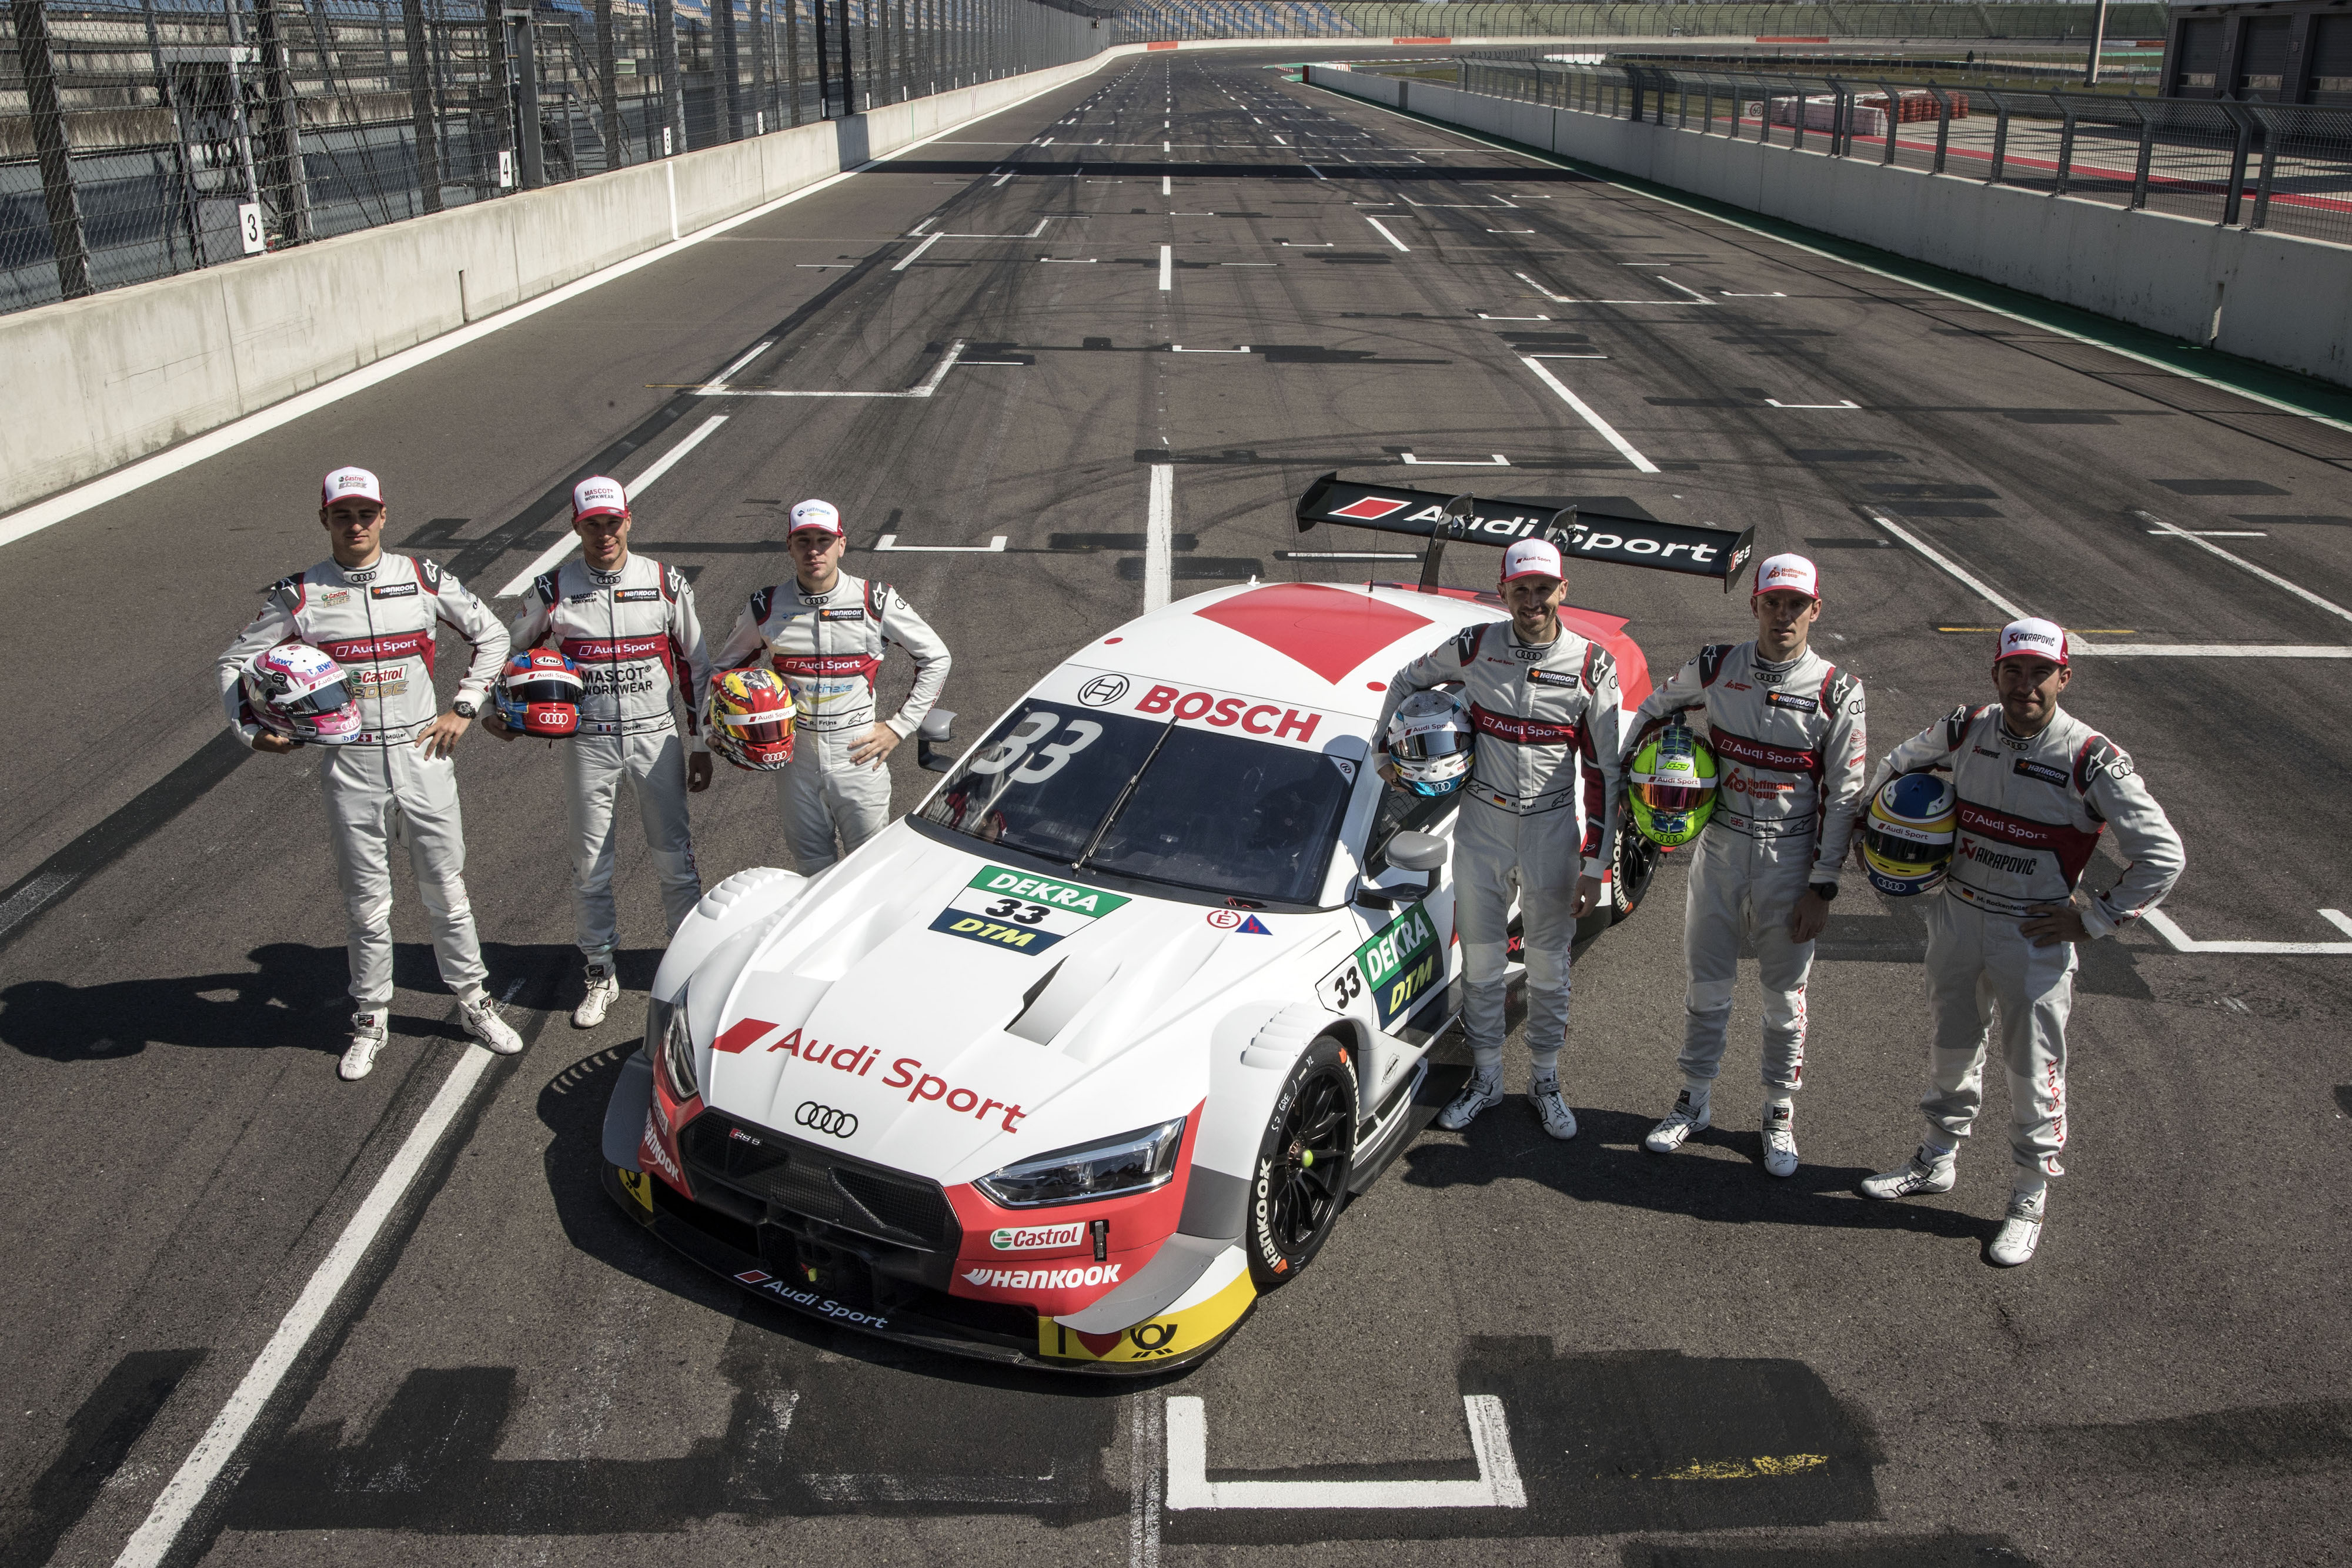 AUDI<br />• Audi Sport Team Abt Sportsline: Robin Frijns (#4, holland), Nico Müller (#51, svájci)<br />• Audi Sport Team Phoenix: Loïc Duval (#28, francia), Mike Rockenfeller (#99, német)<br />• Audi Sport Team Rosberg: René Rast (#33, német), Jamie Green (#53, brit)<br />• Team WRT: Pietro Fittipaldi (#21, brazil), Jonathan Aberdein (#27, dél-afrikai)